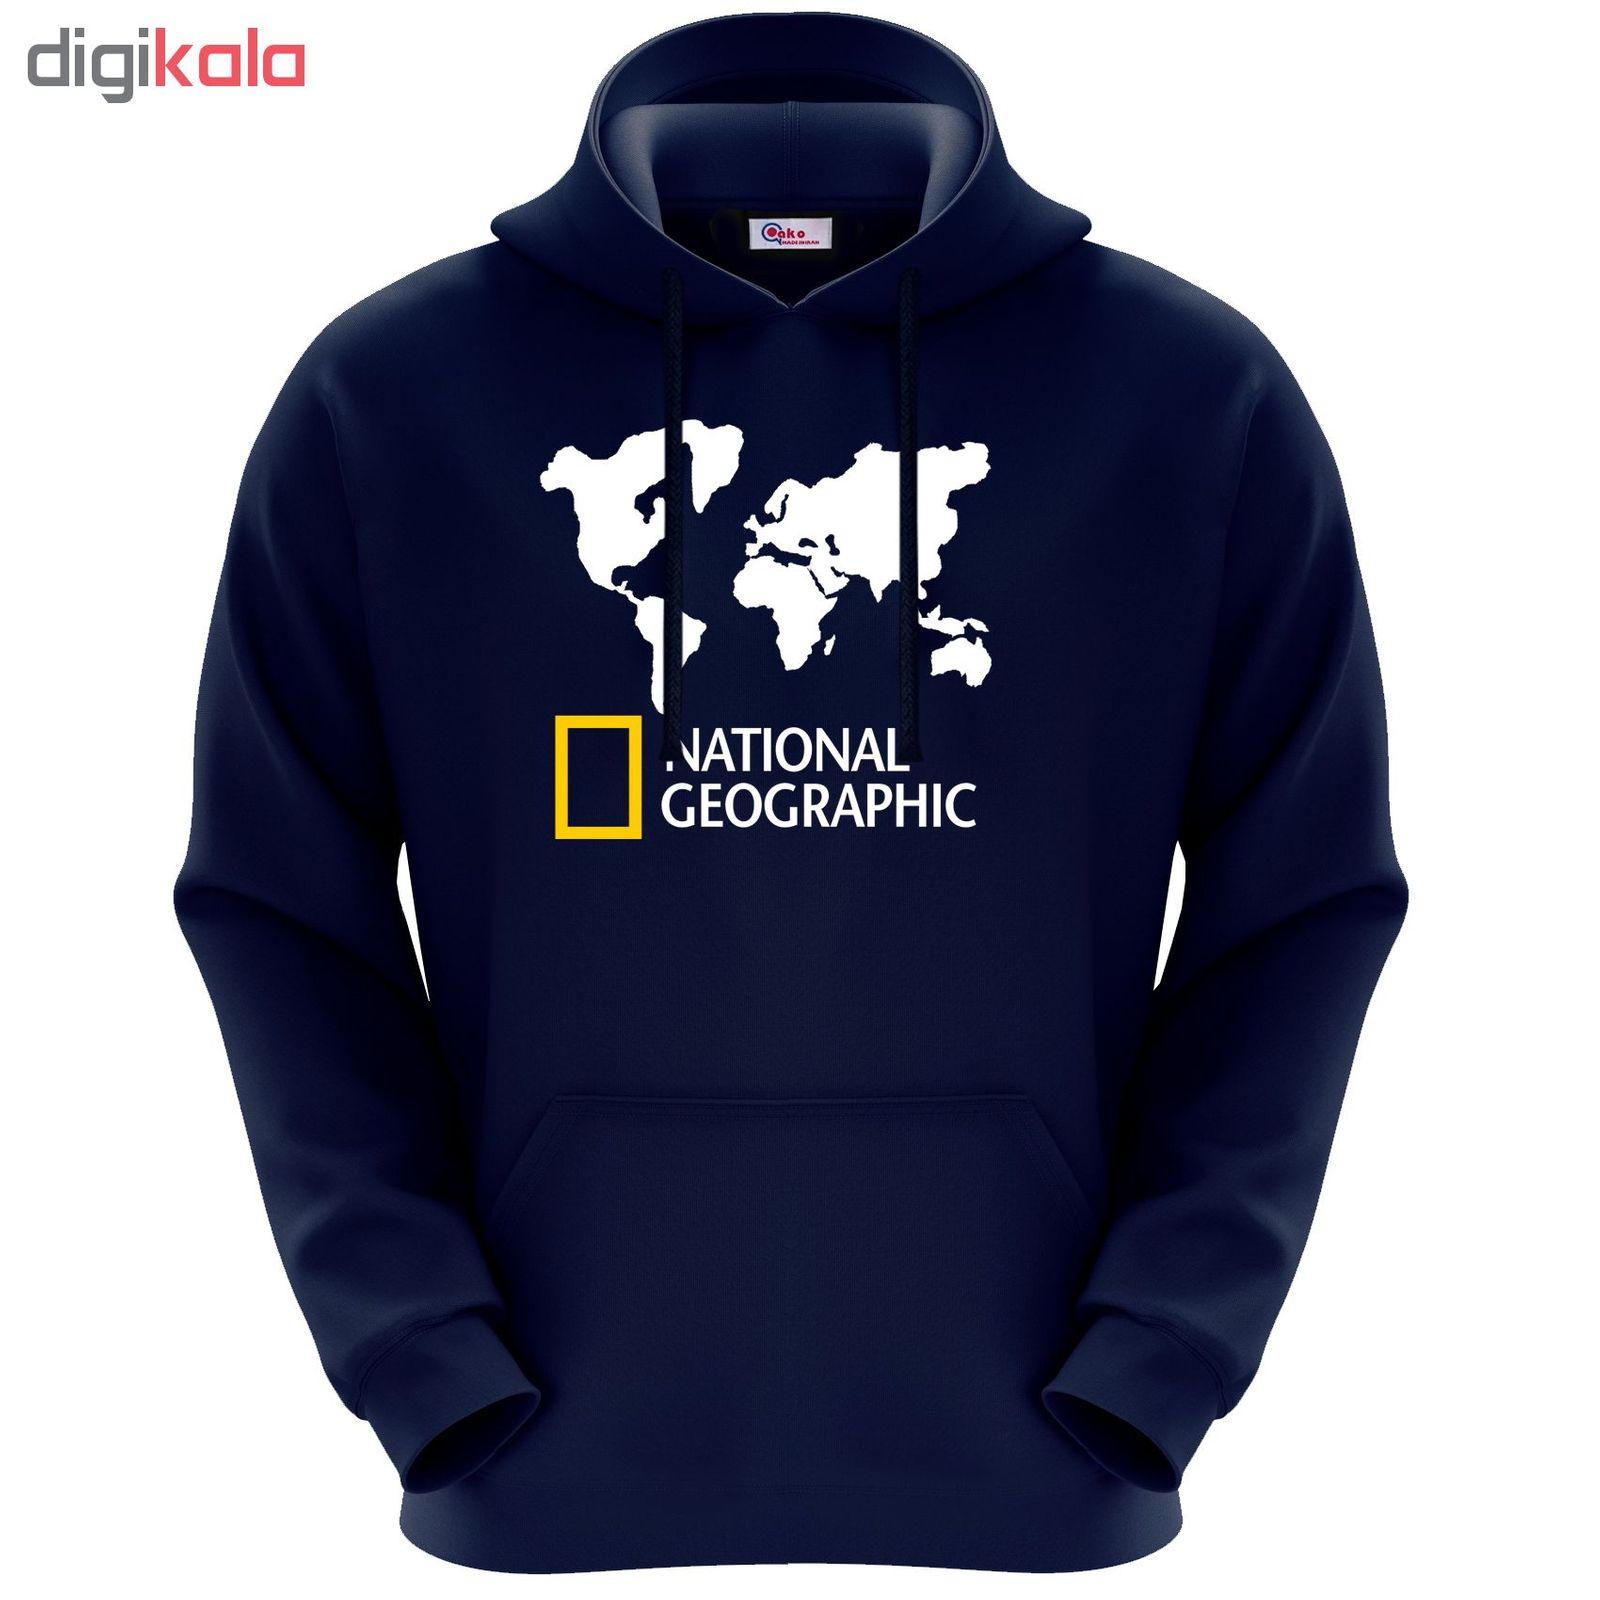 هودی مردانه اکو مدل National geographic کد M237 main 1 2